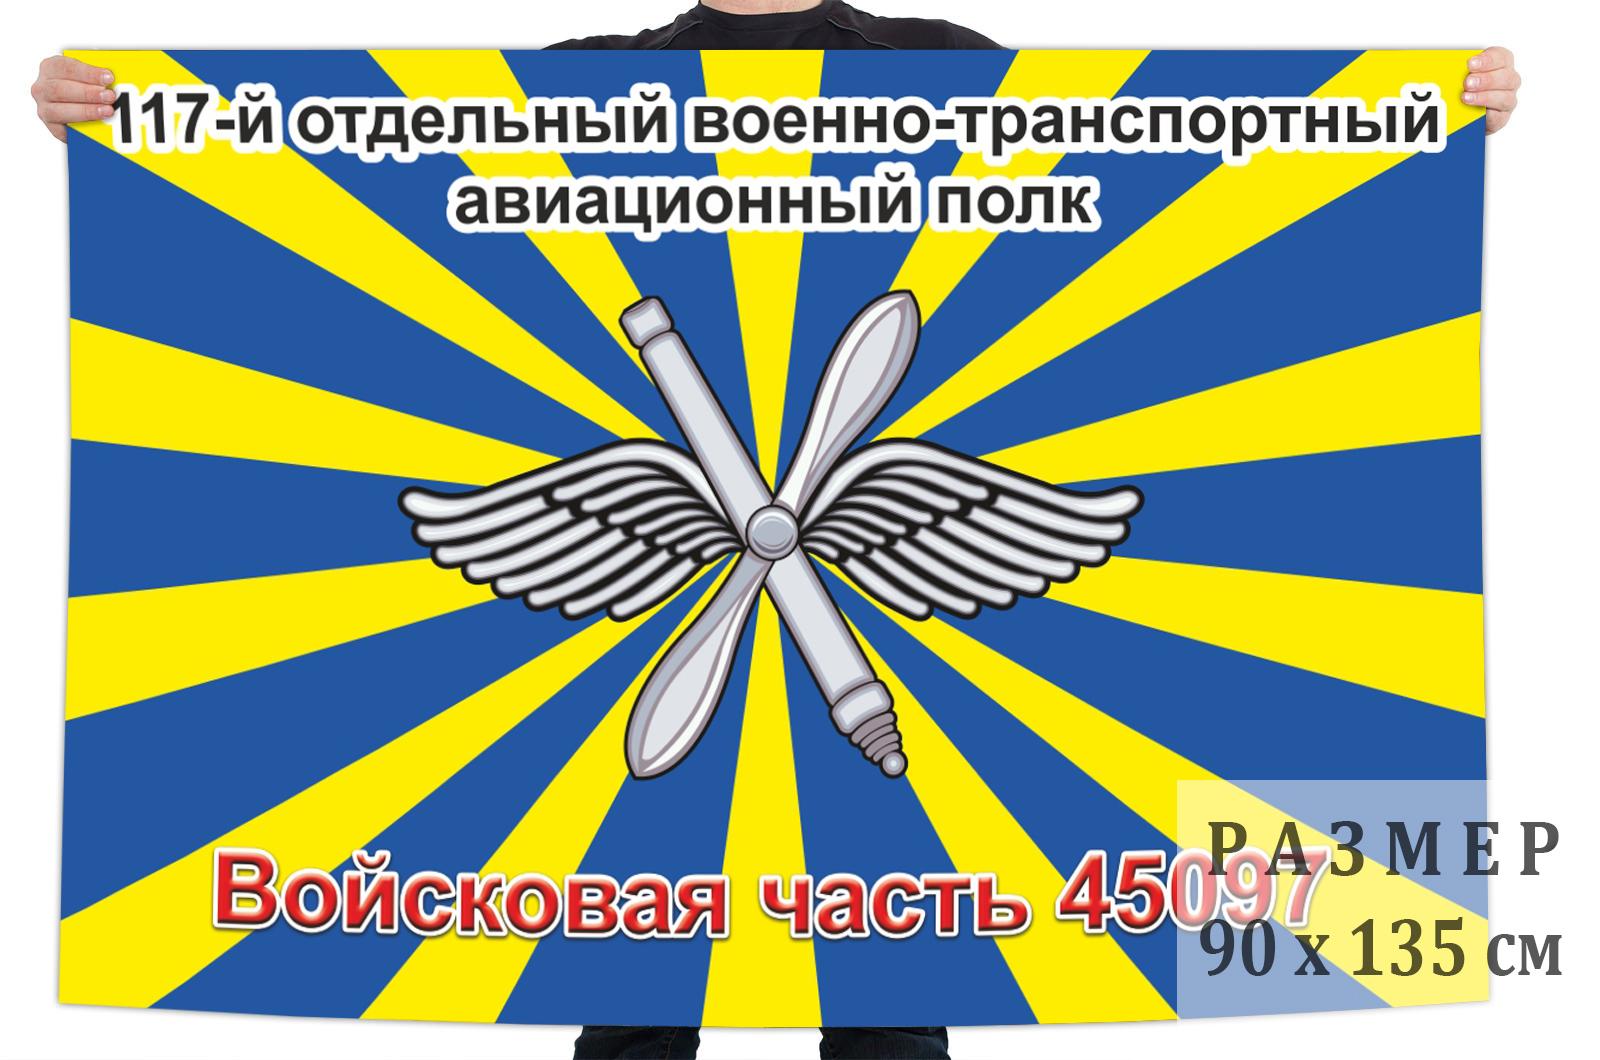 Флаг 117-й отдельный военно-транспортный авиационный полк